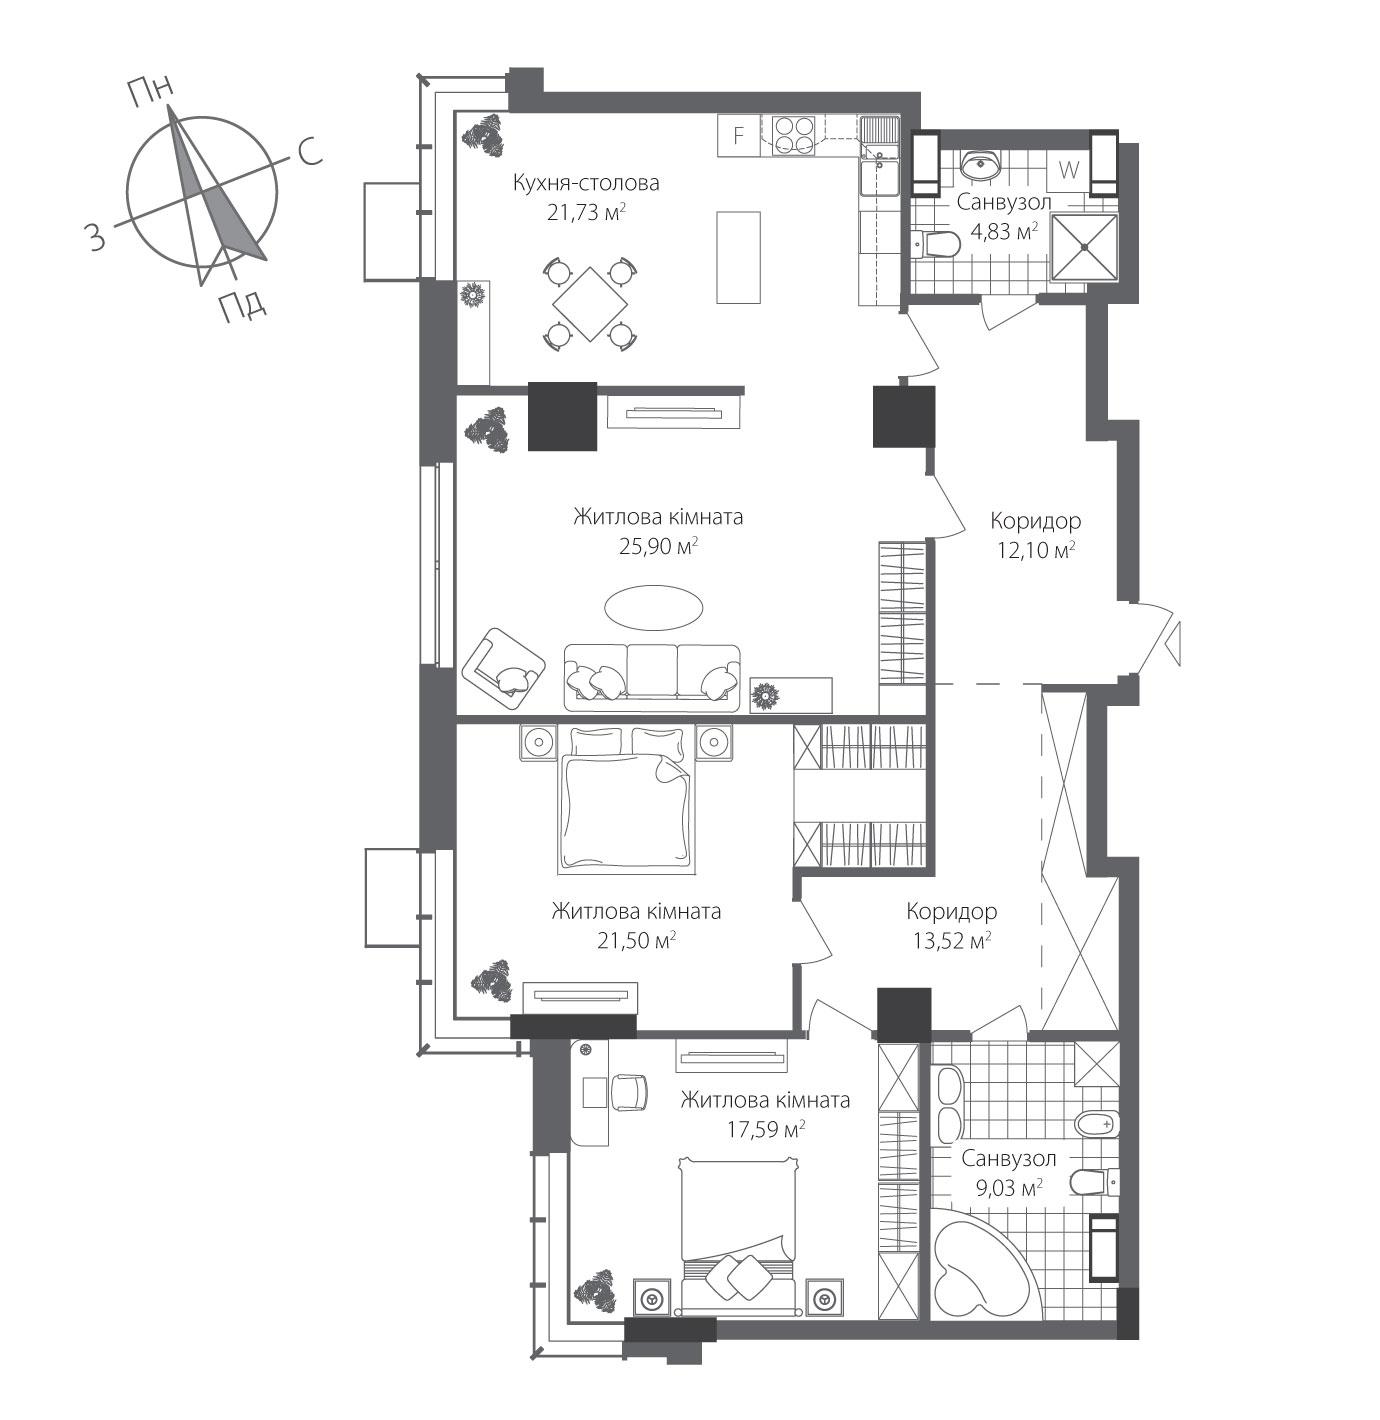 Номер квартиры №1305, Дом 8, Этаж 13, Полная площадь 126,20